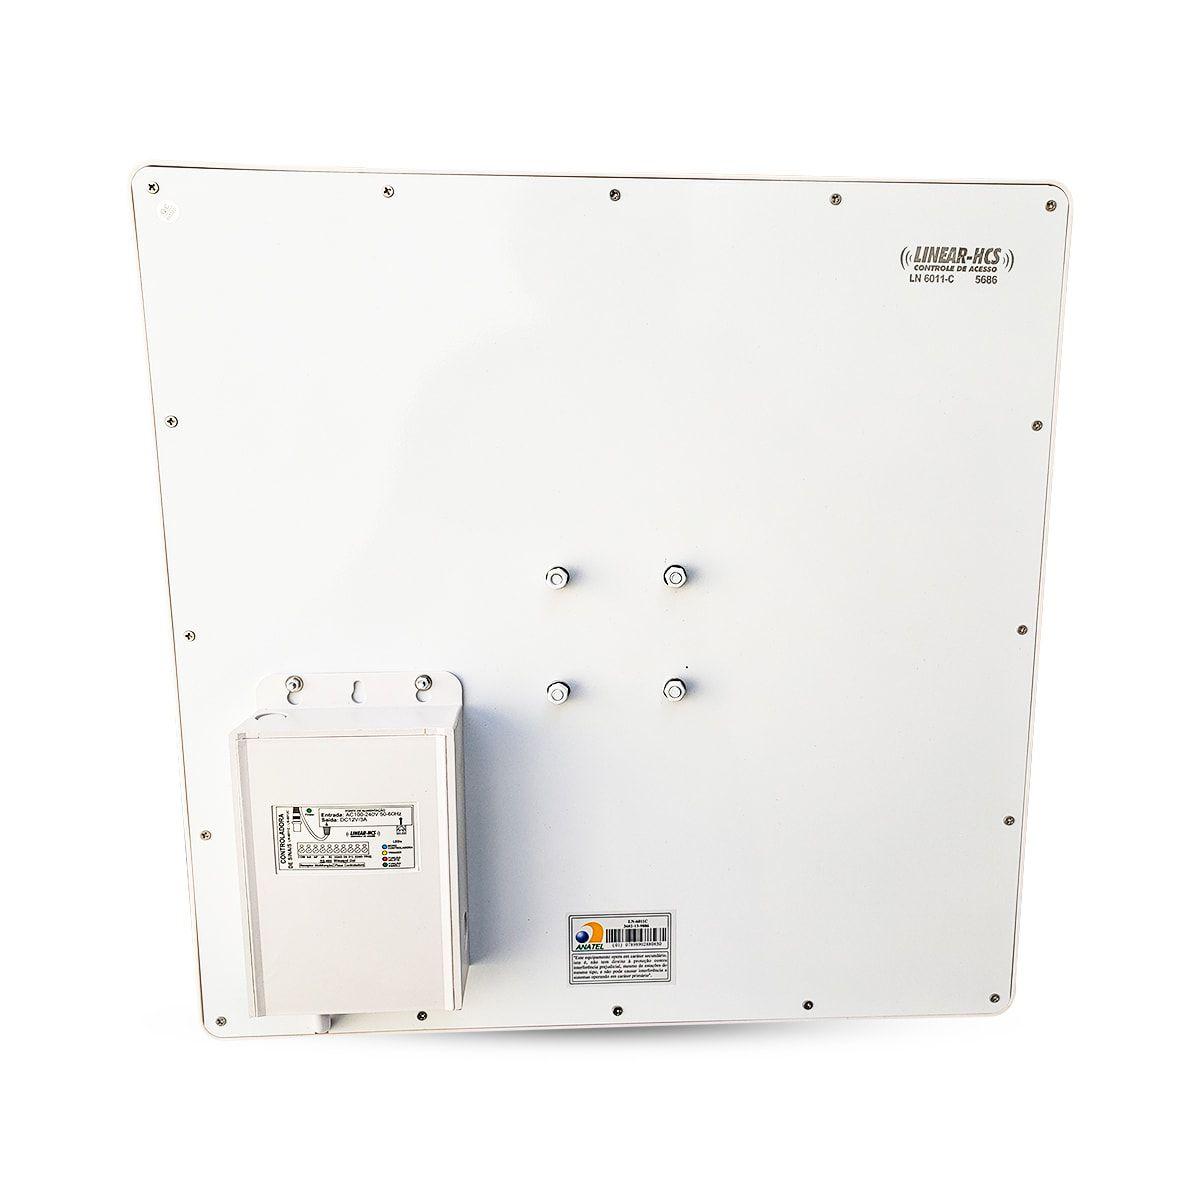 Leitor Linear Antena/Controladora de Sinais UHF 915 MHZ LN-6011C  - CFTV Clube | Brasil